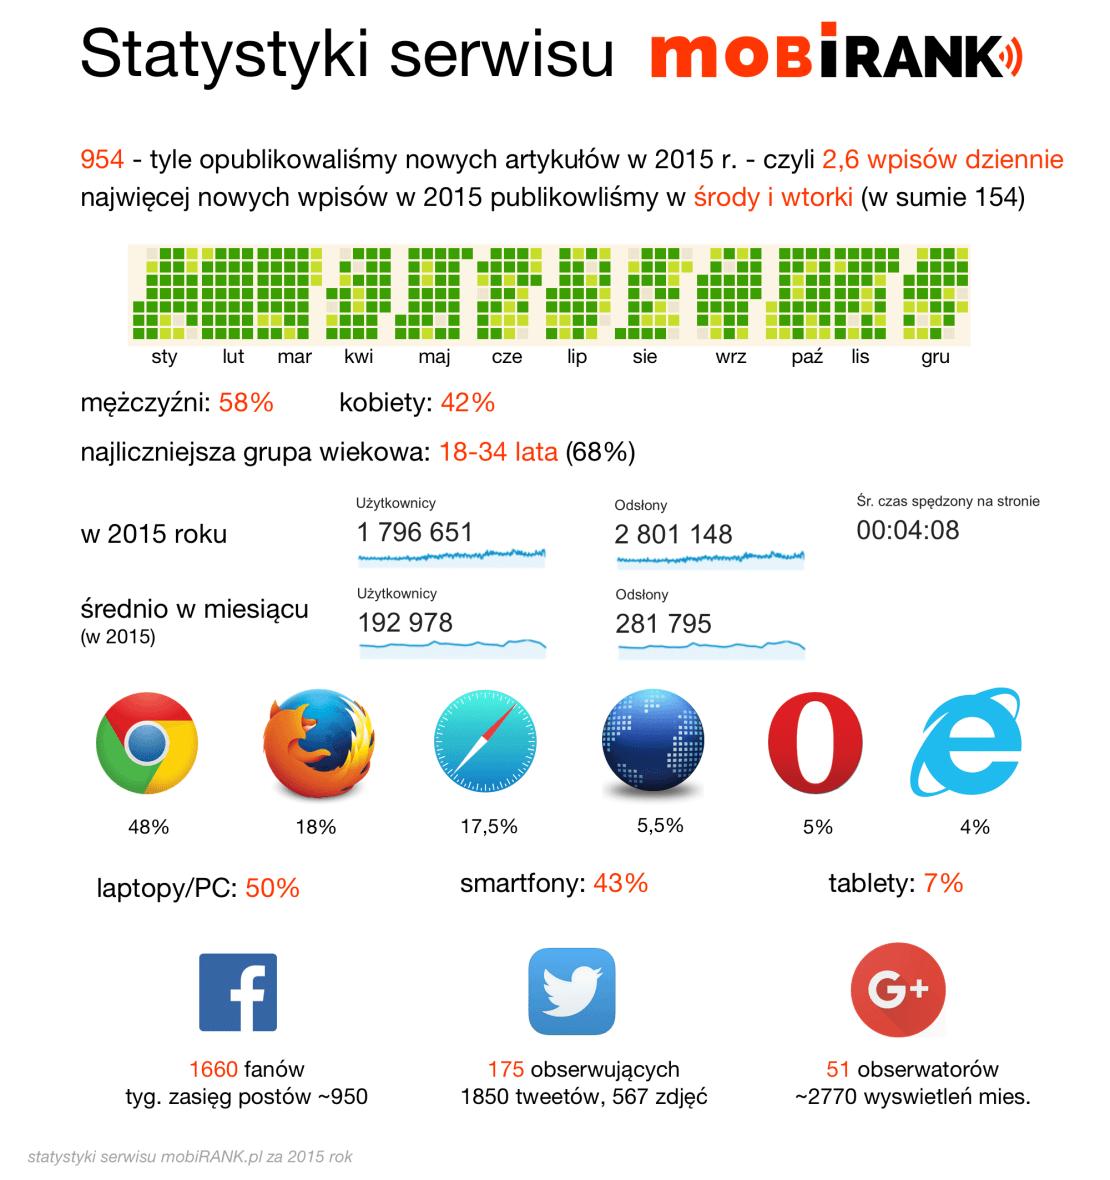 Statystyki serwisu mobiRANK.pl (za 2015 r.)